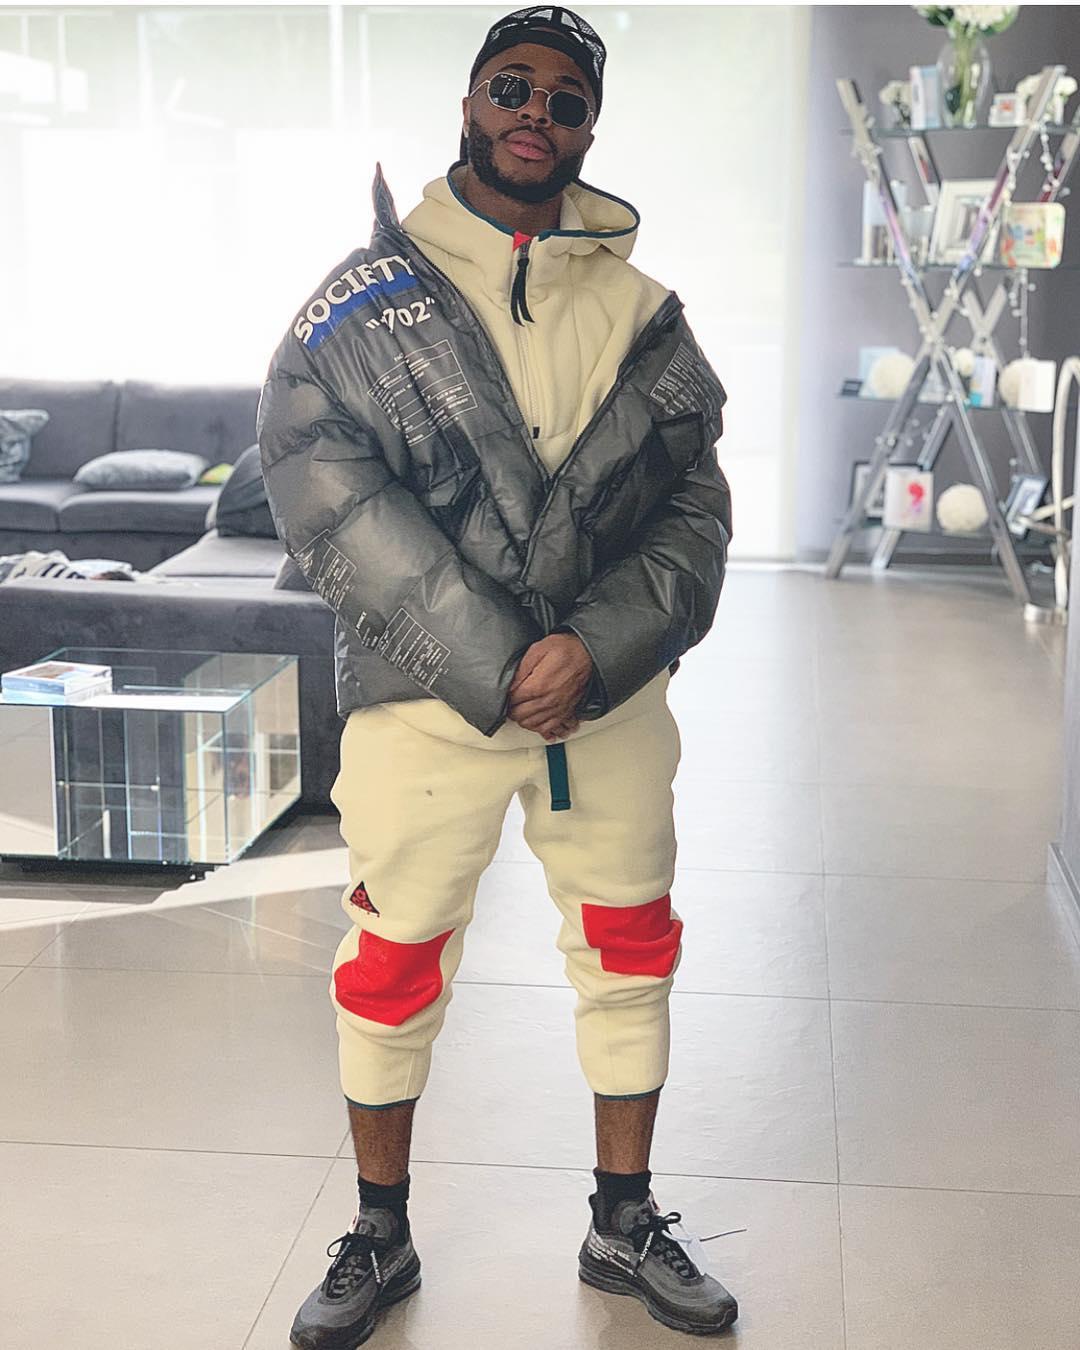 Один из самых богатых футболистов Англии рекламирует бюджетную одежду. А сына одевает в дорогую